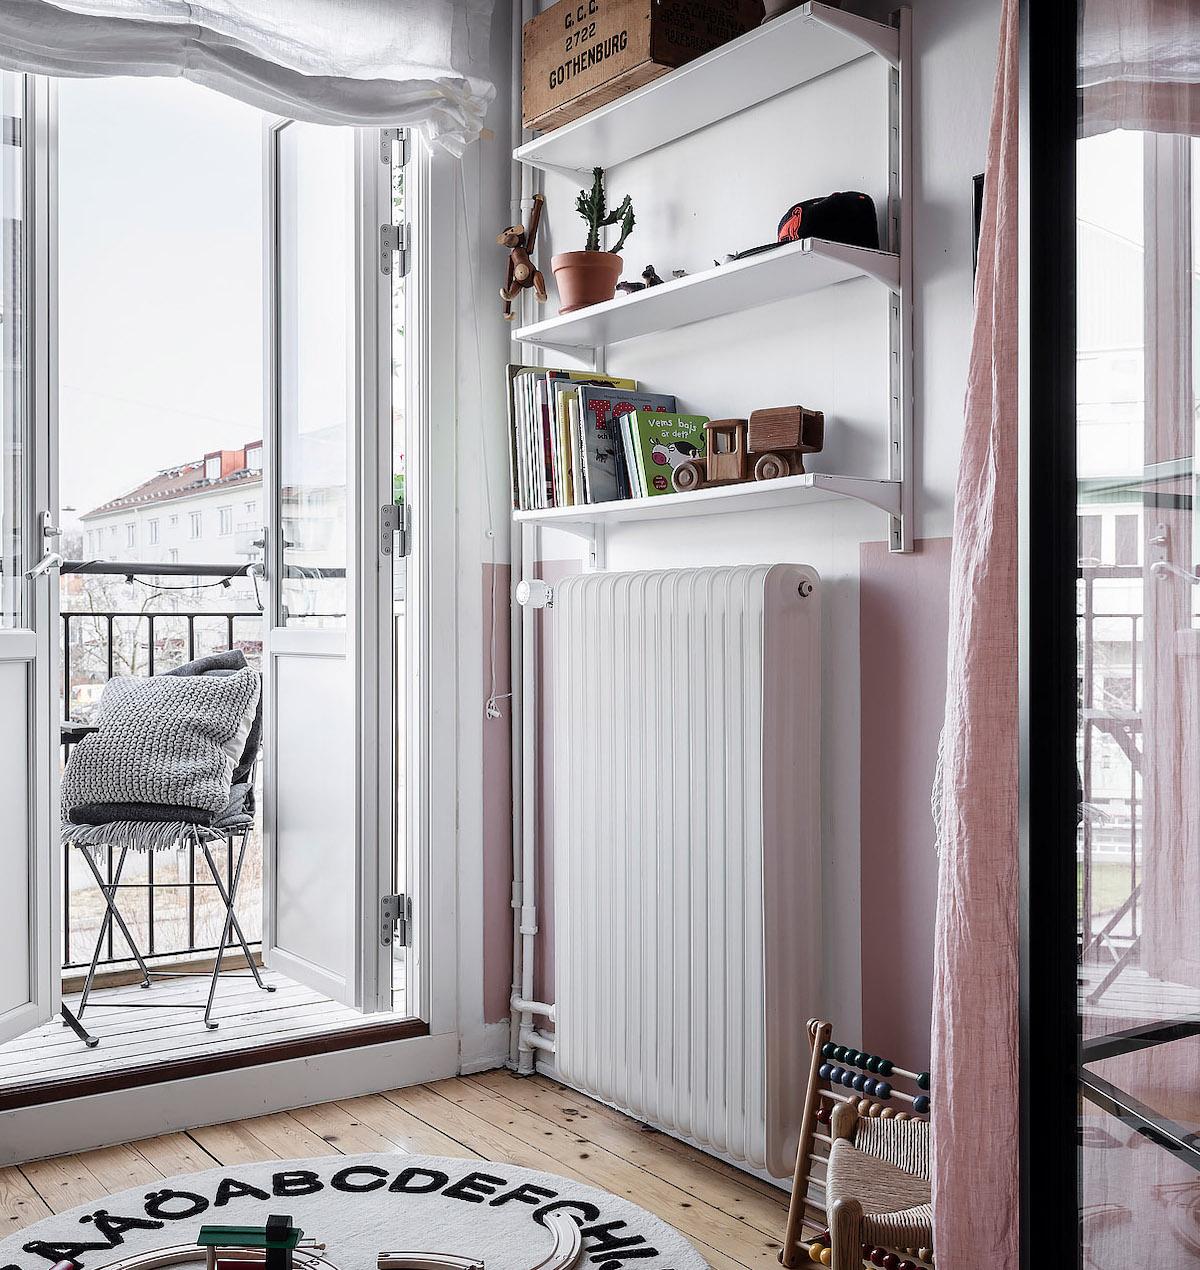 papier peint chambre enfant rose tapis rond balcon style scandinave - blog déco - clem around the corner